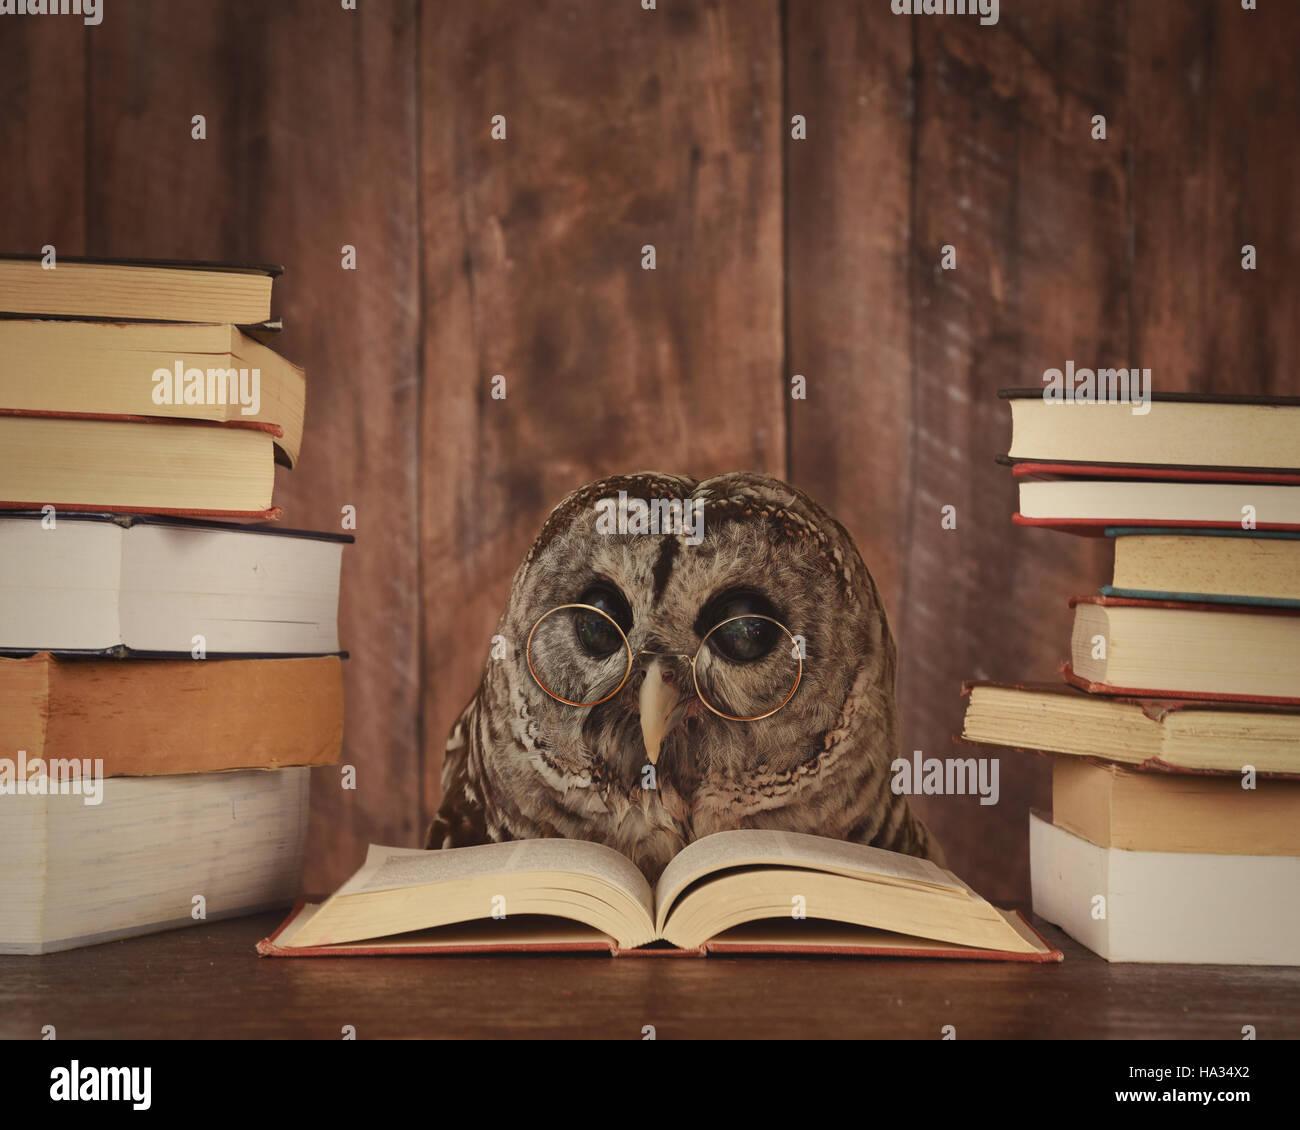 Una lechuza, animal con gafas está leyendo un libro en el bosque para una educación escolar o concepto. Foto de stock